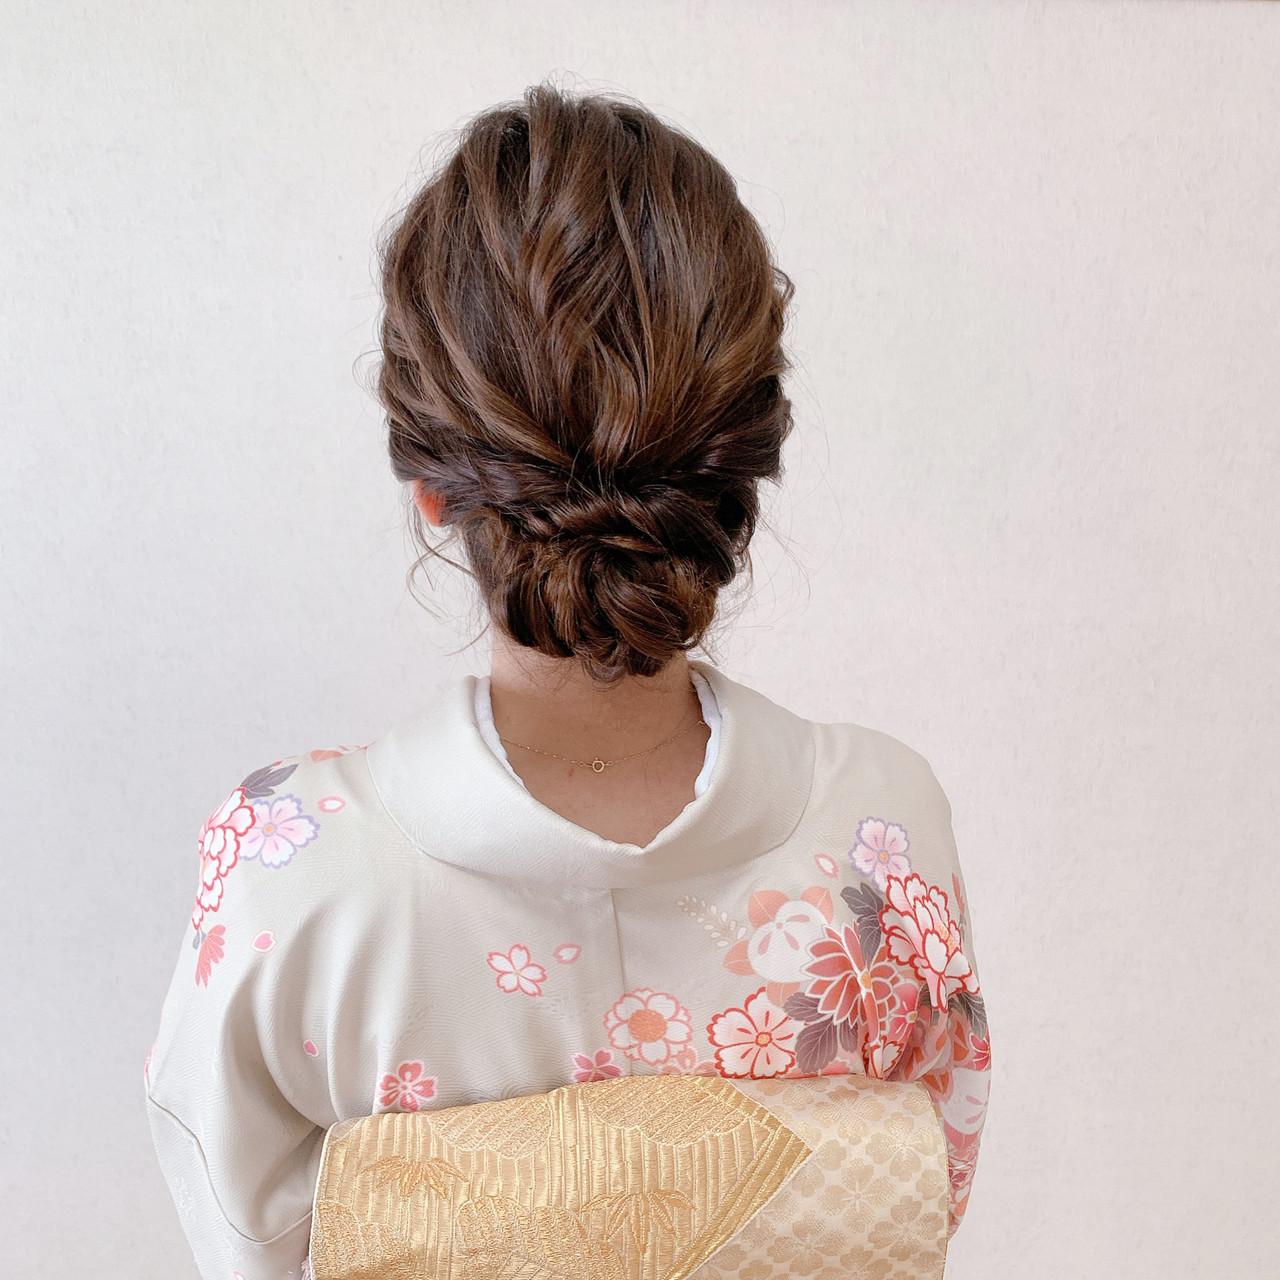 着物 ミディアム お呼ばれ 卒業式 ヘアスタイルや髪型の写真・画像 | Moriyama Mami / 福岡天神ヘアセット・着付け専門店【Three-keys】